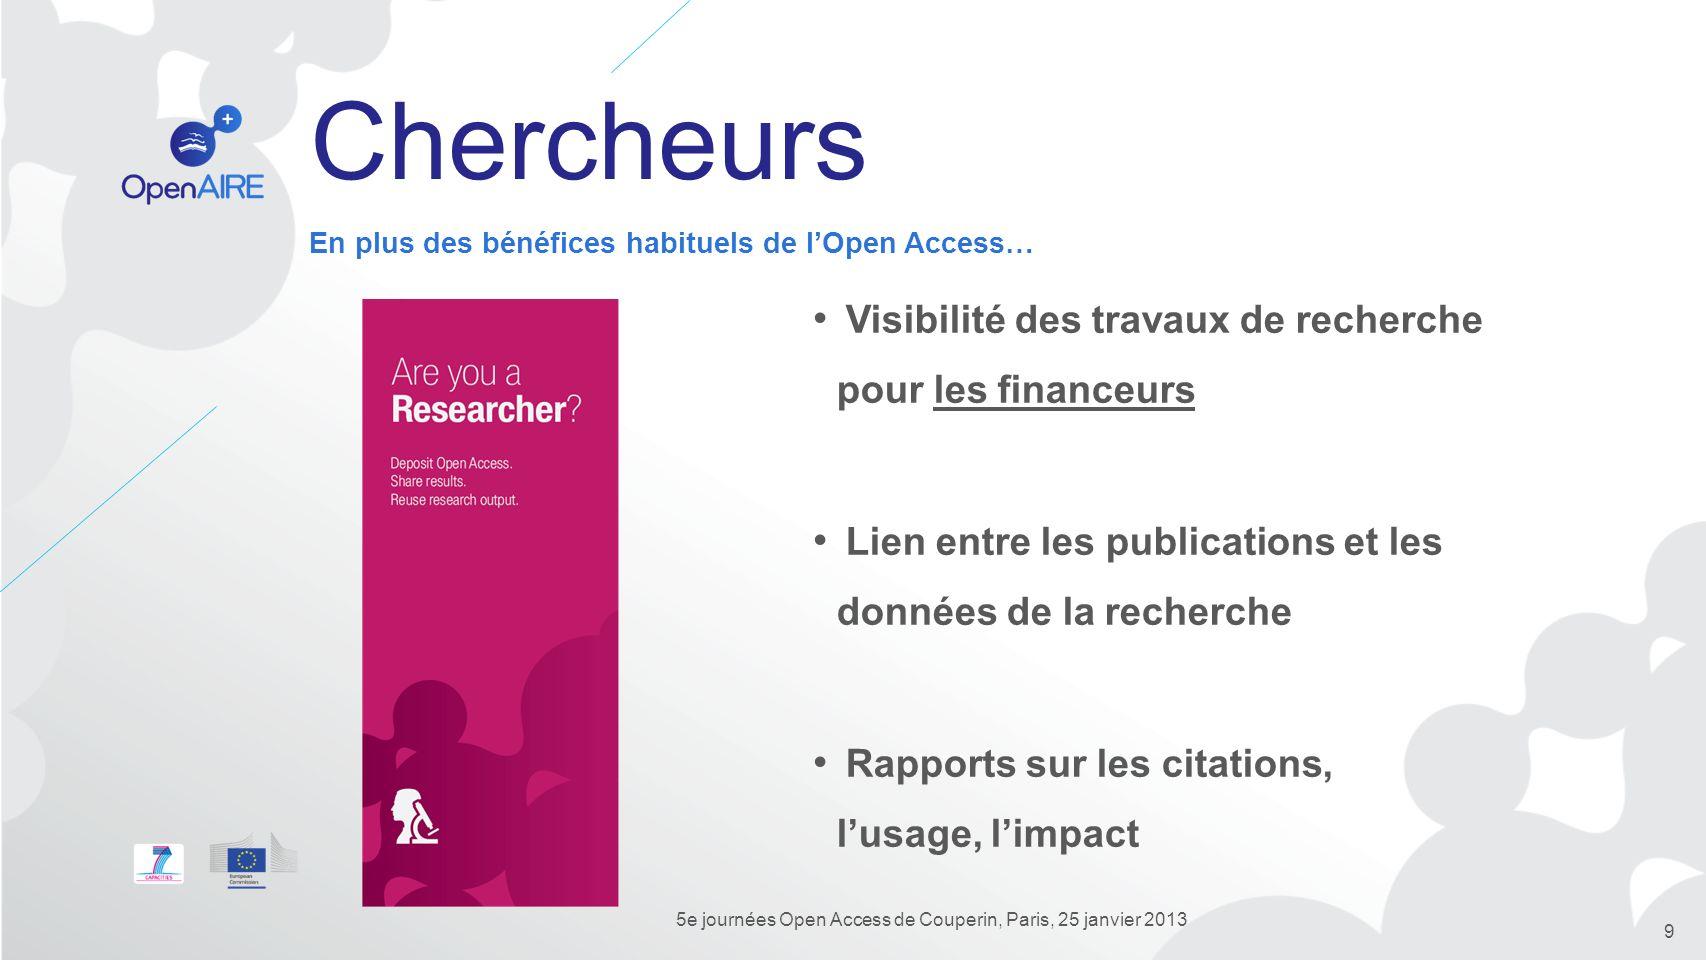 5e journées Open Access de Couperin, Paris, 25 janvier 2013